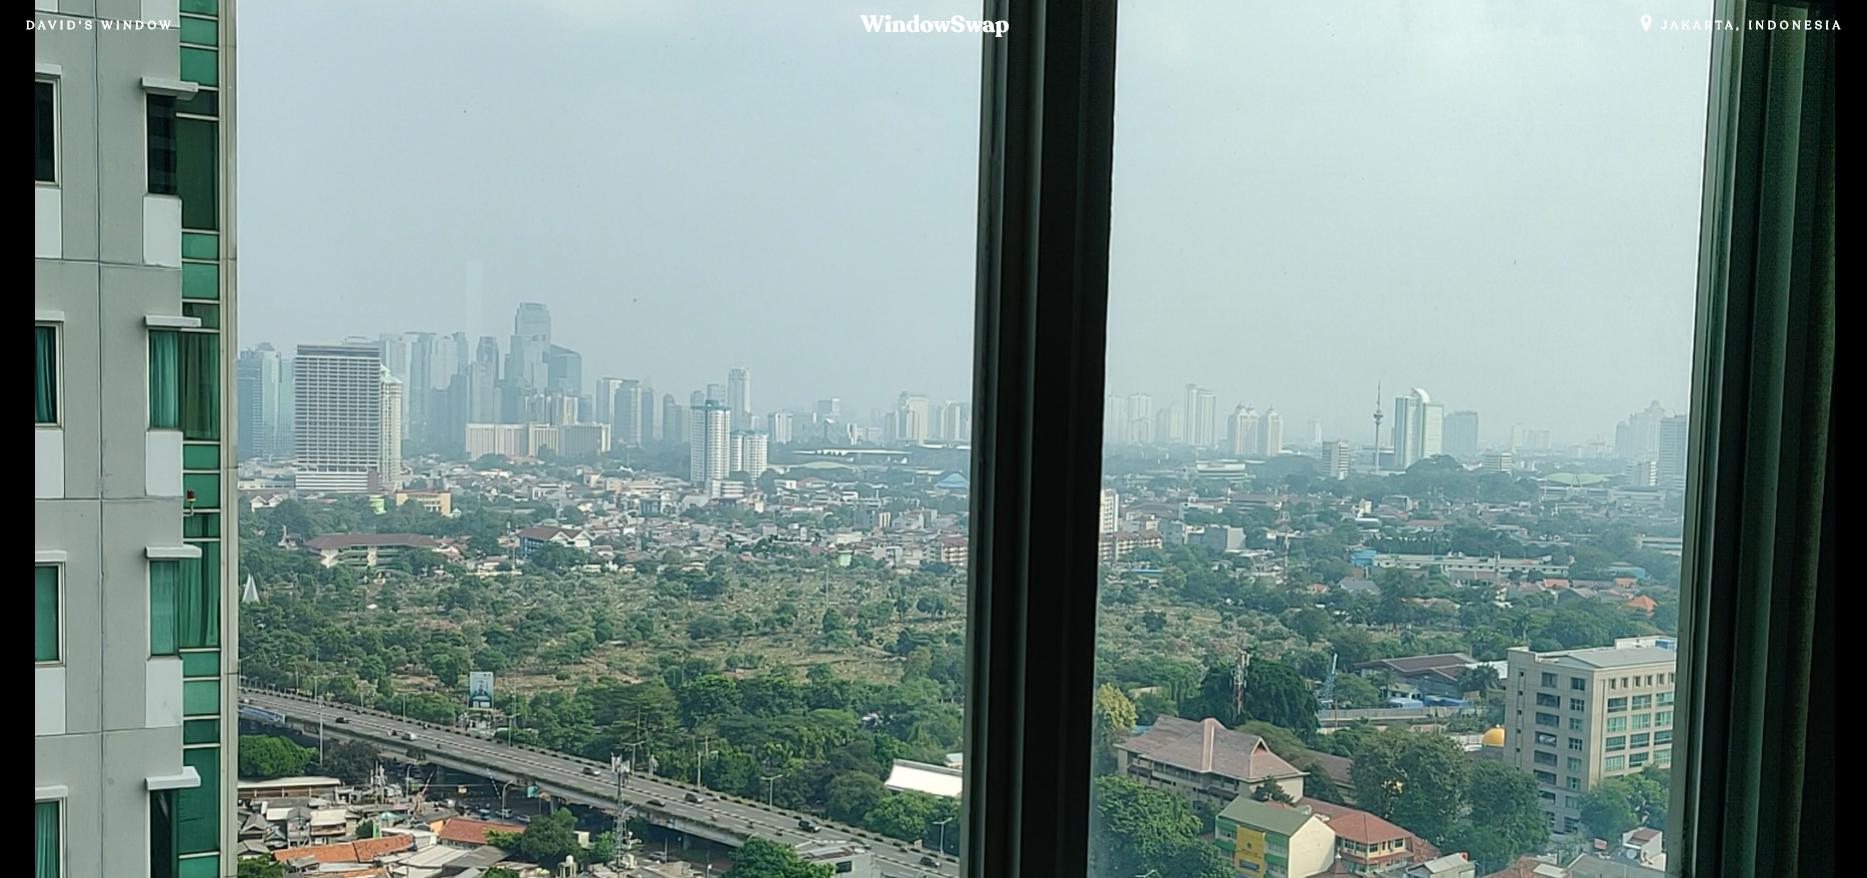 WindowSwap - podejrzyj malownicze widoki zza okna ludzi z całego świata